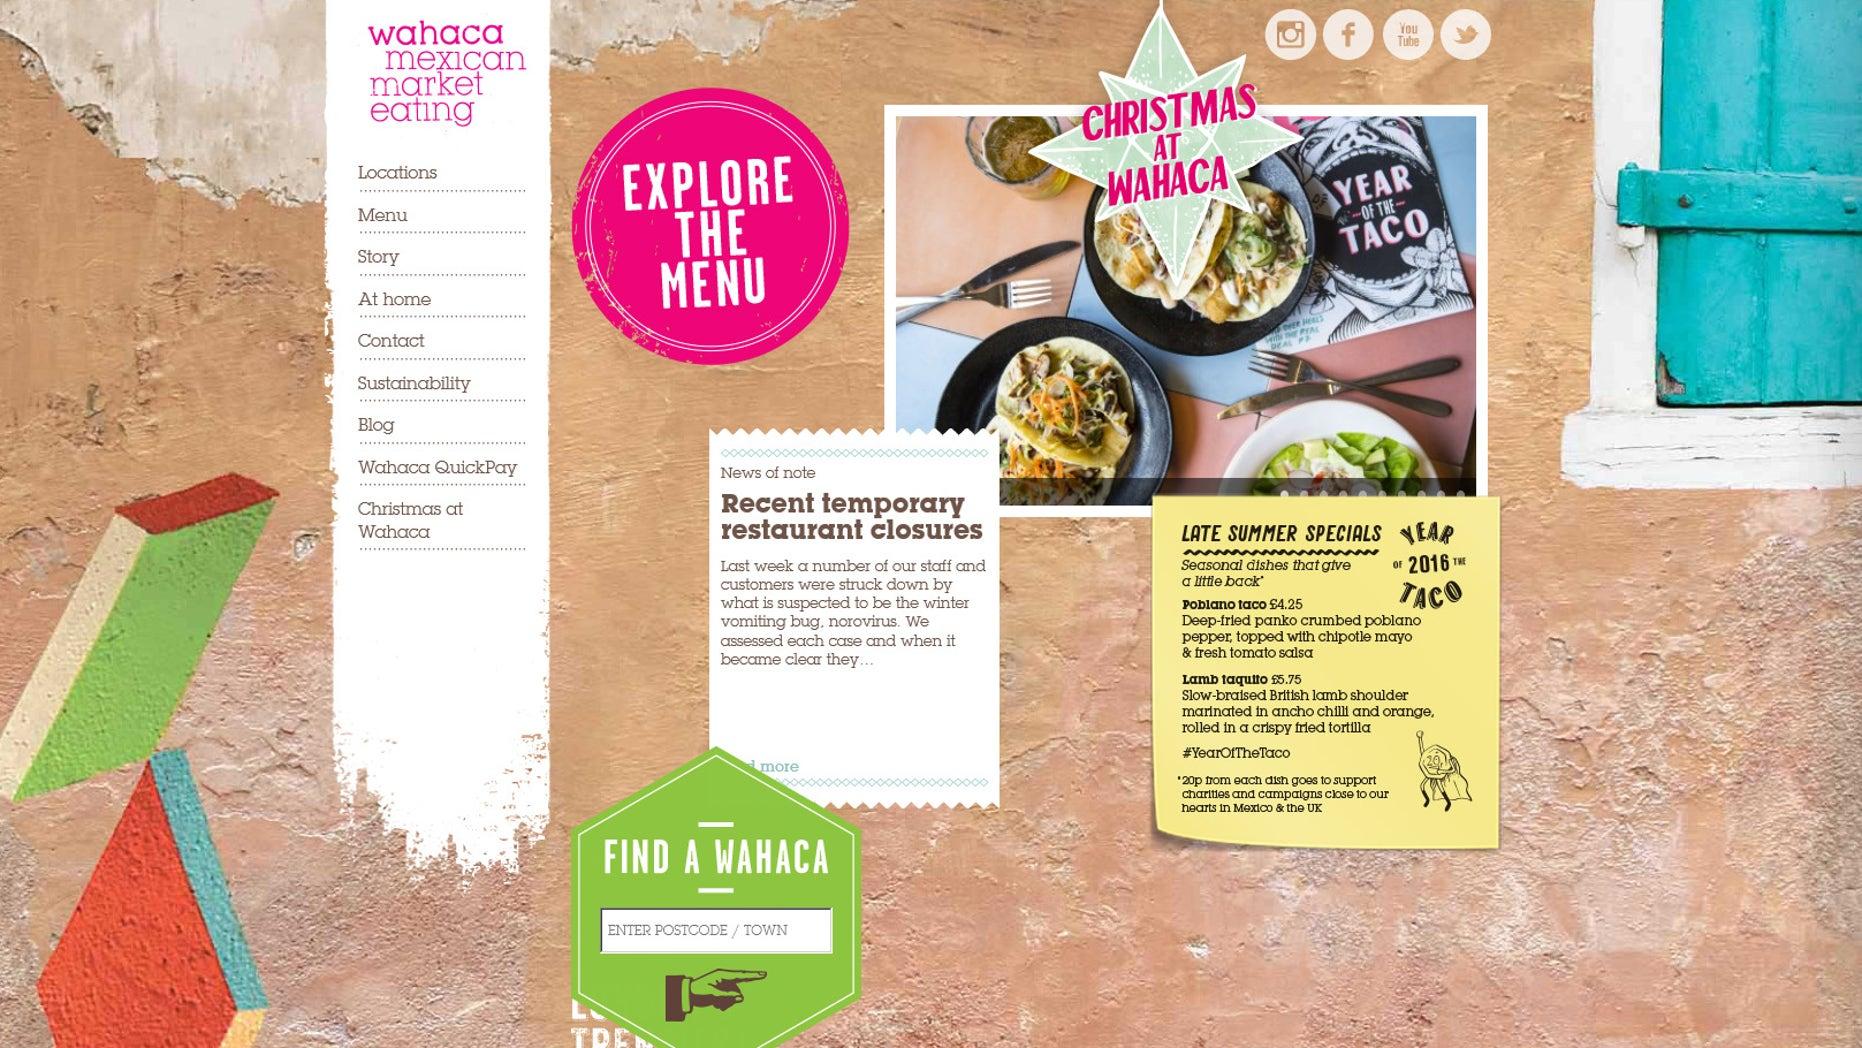 Screenshot of Wahaca restaurants website